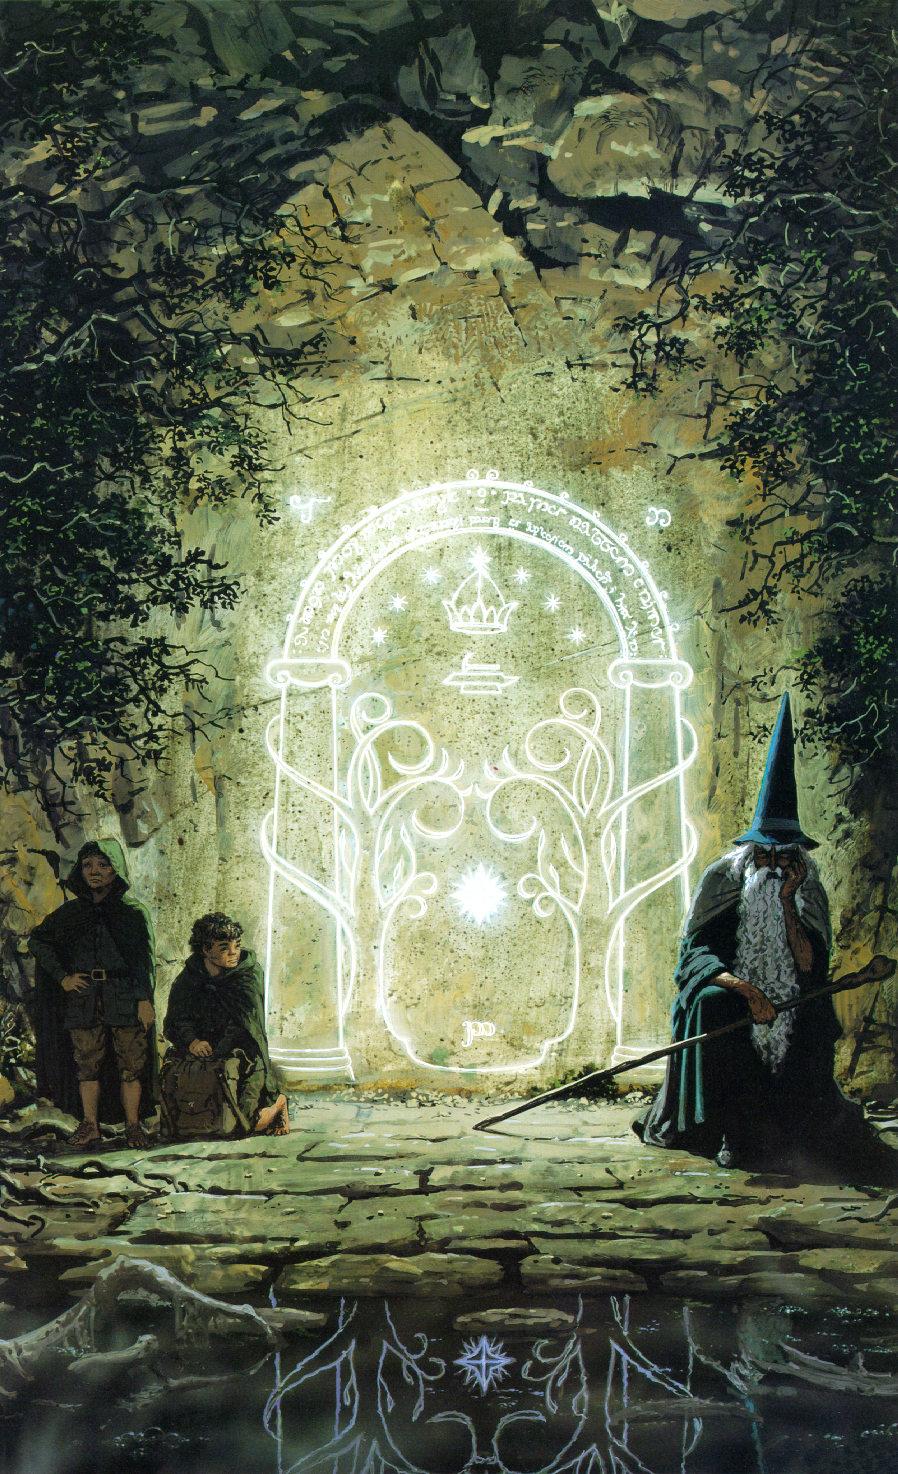 The Moria Door